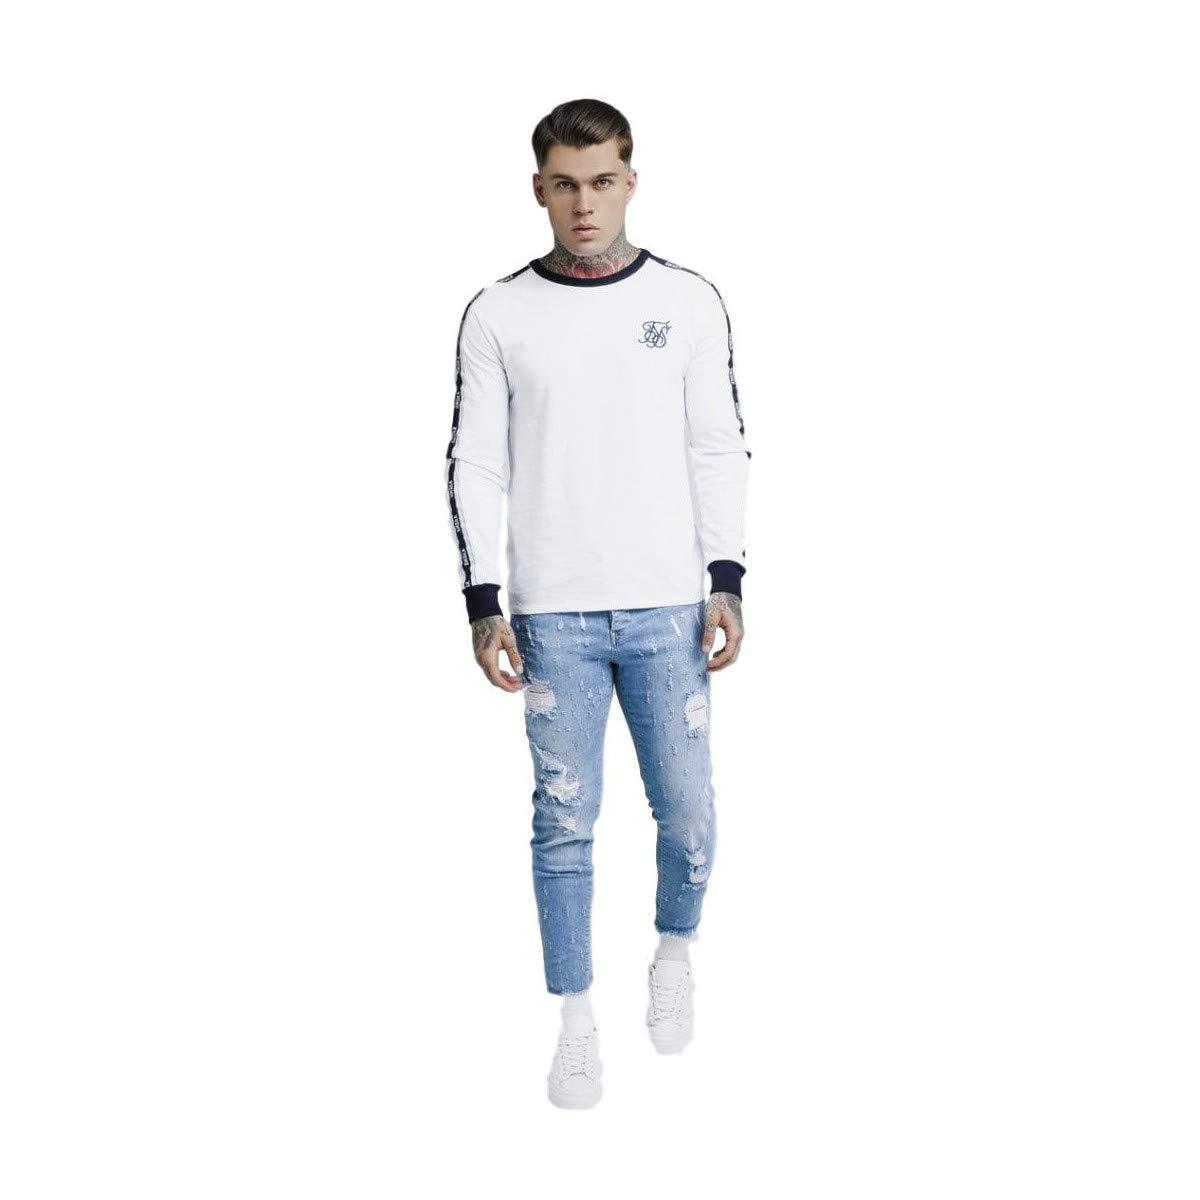 Blanco Sik Silk Hombre Camiseta de Manga Larga con Estampado en Contraste